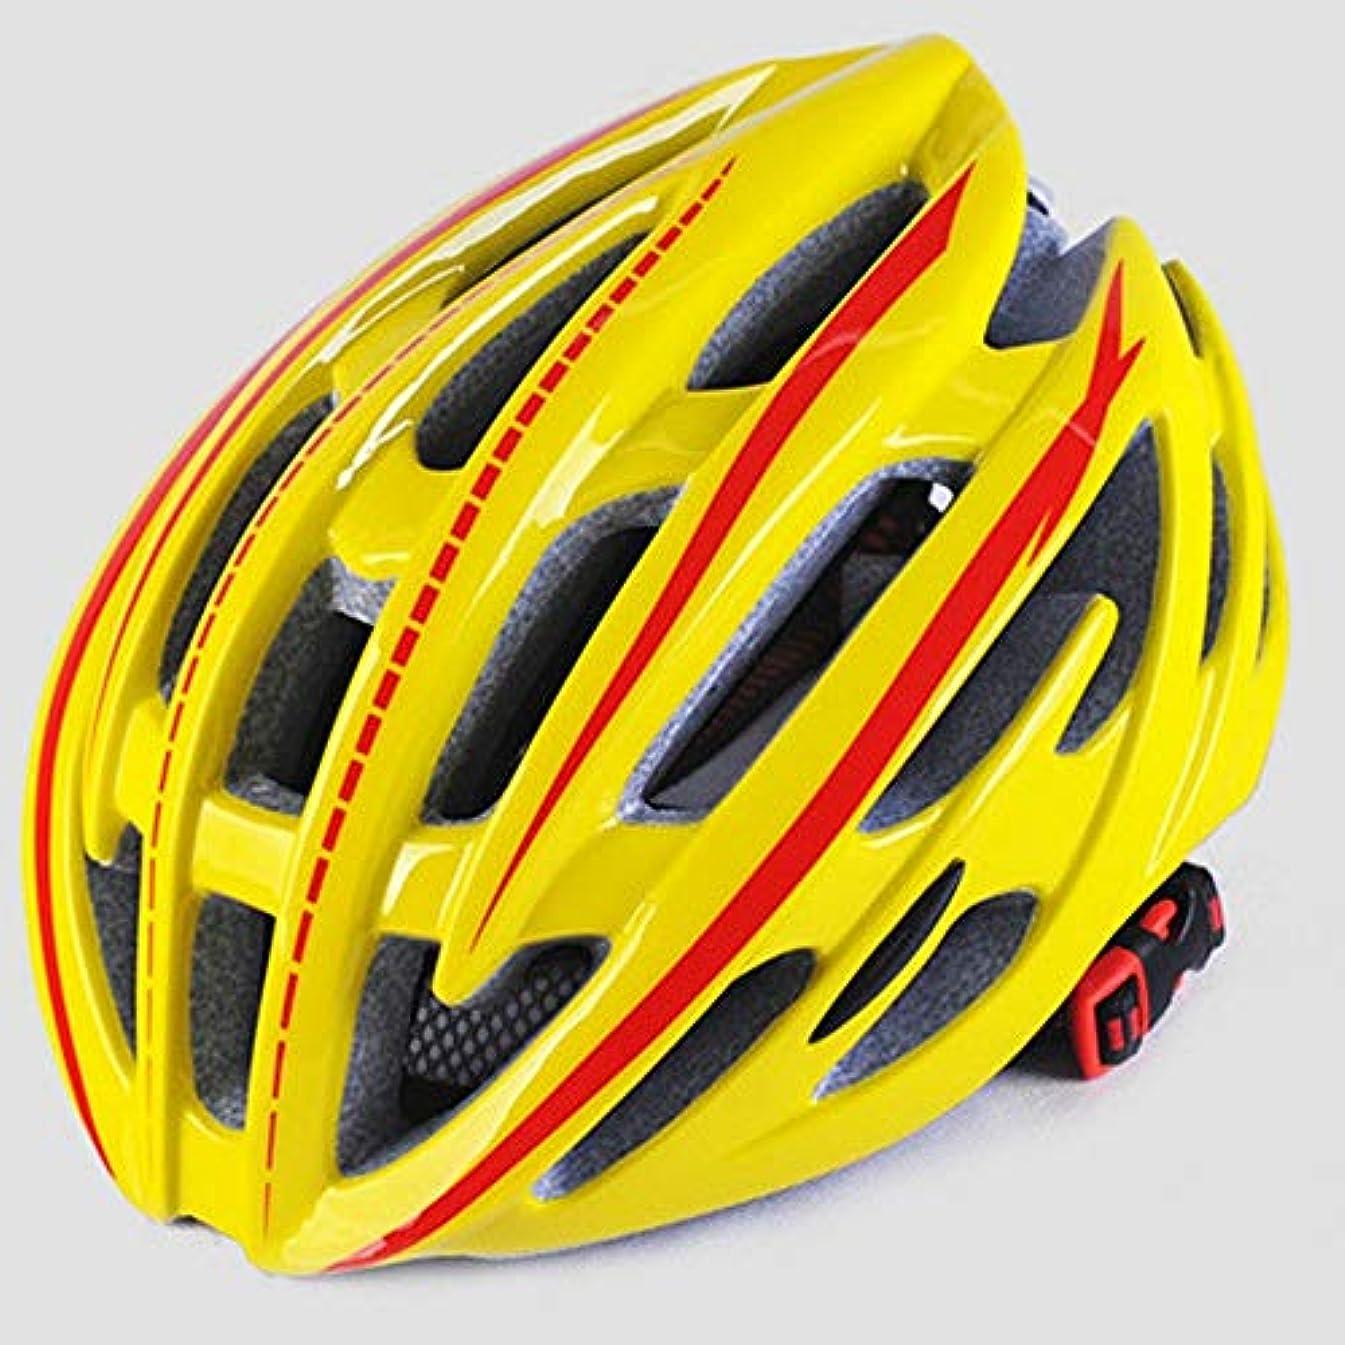 スタウトごちそう塊TOMSSL高品質 人および女性のヘルメットの換気および快適なヘルメットのための自転車の統合された形成のヘルメット TOMSSL高品質 (色 : Yellow)